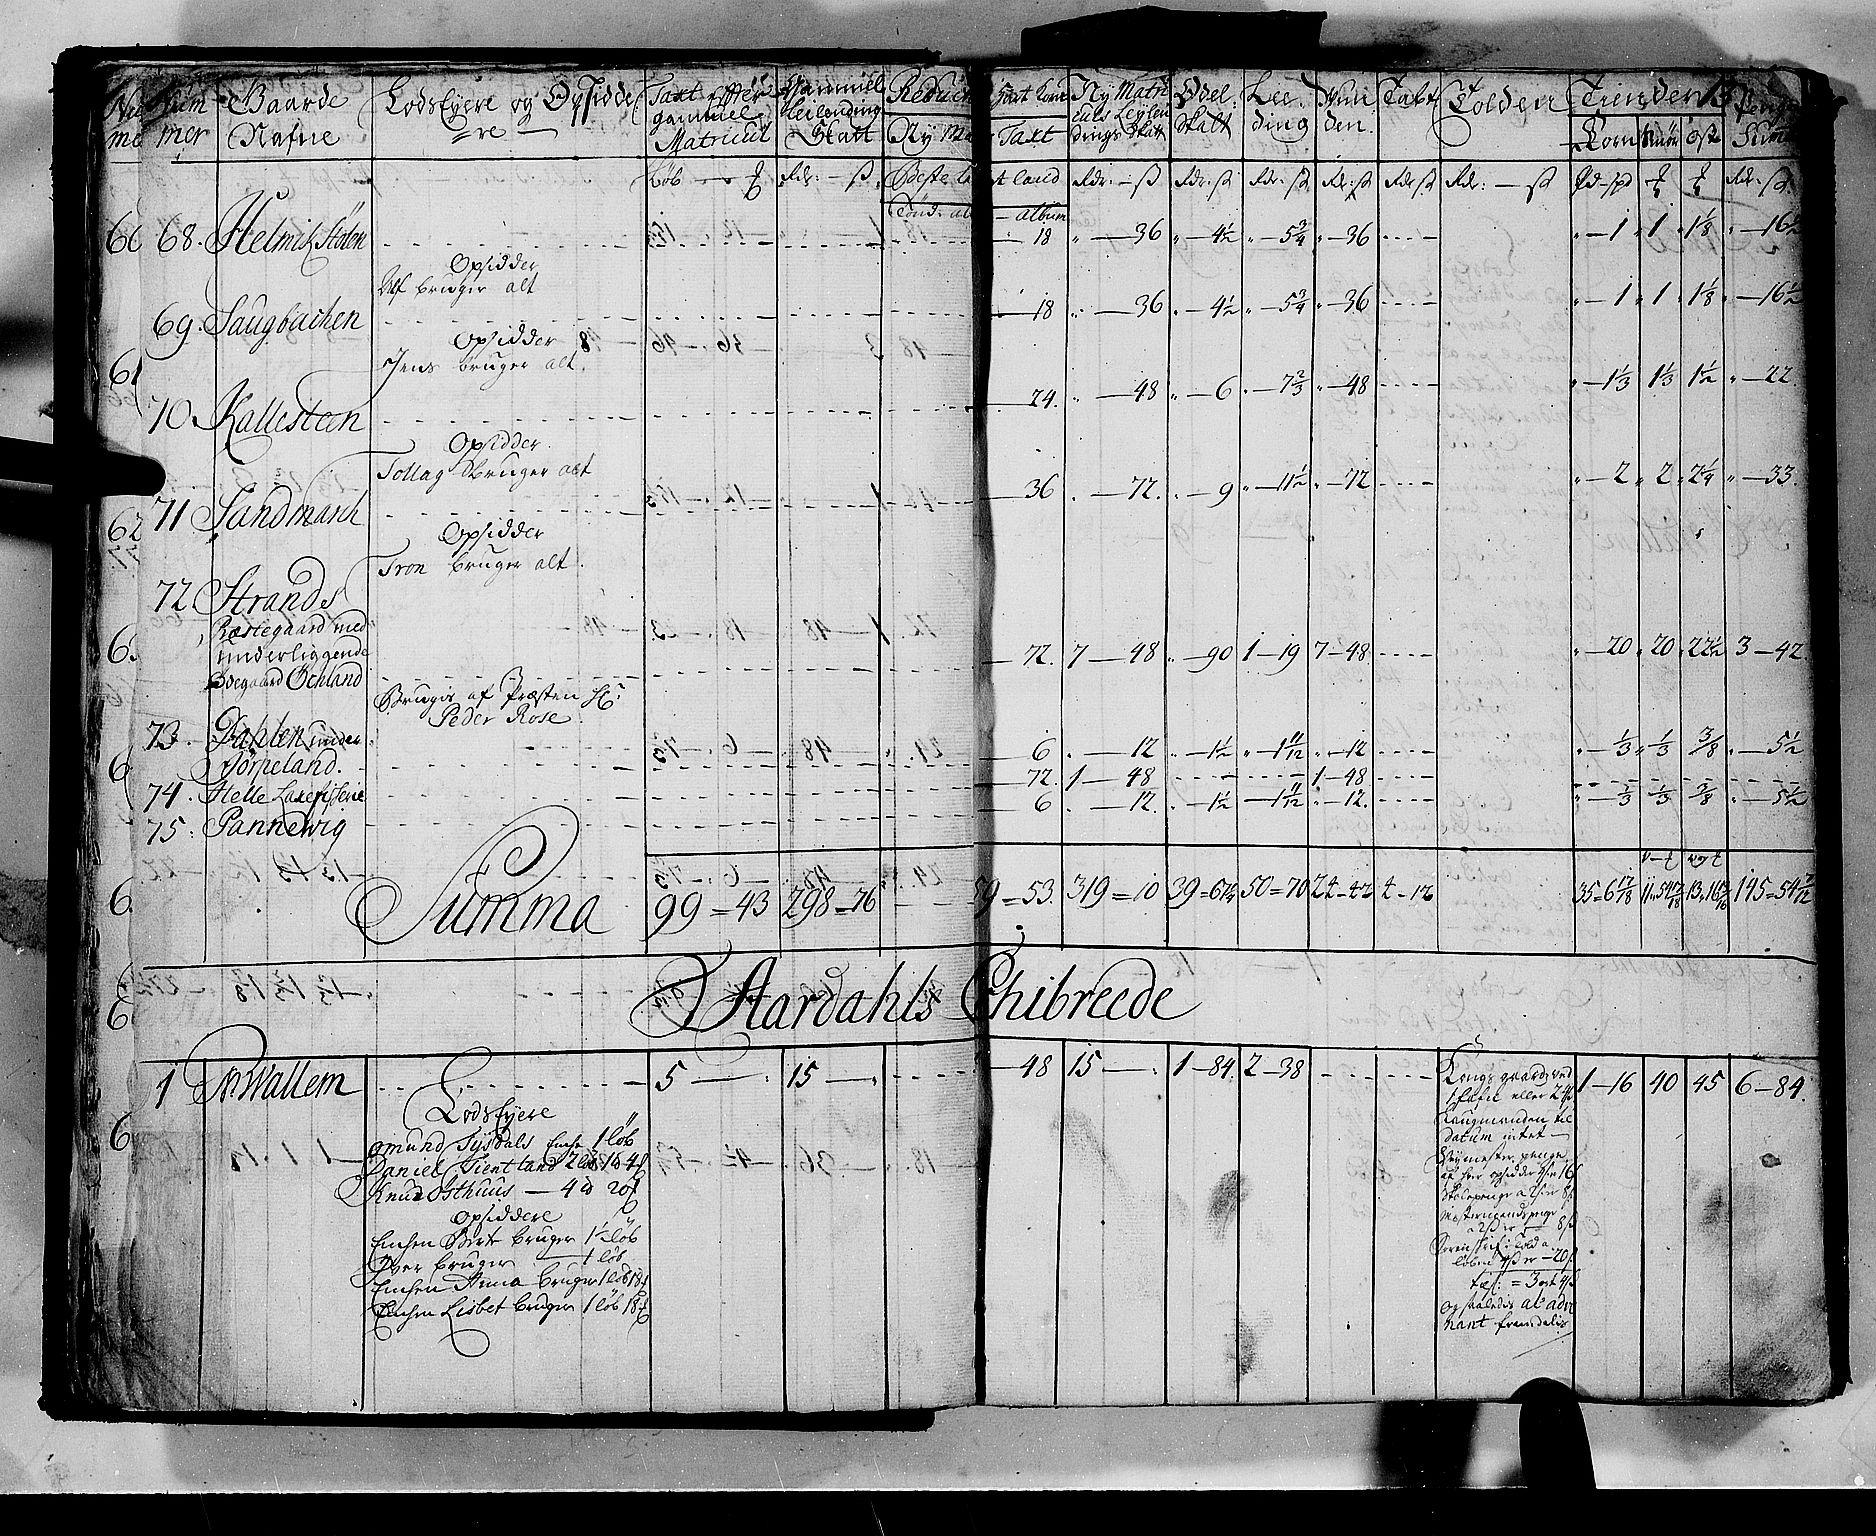 RA, Rentekammeret inntil 1814, Realistisk ordnet avdeling, N/Nb/Nbf/L0133b: Ryfylke matrikkelprotokoll, 1723, s. 12b-13a